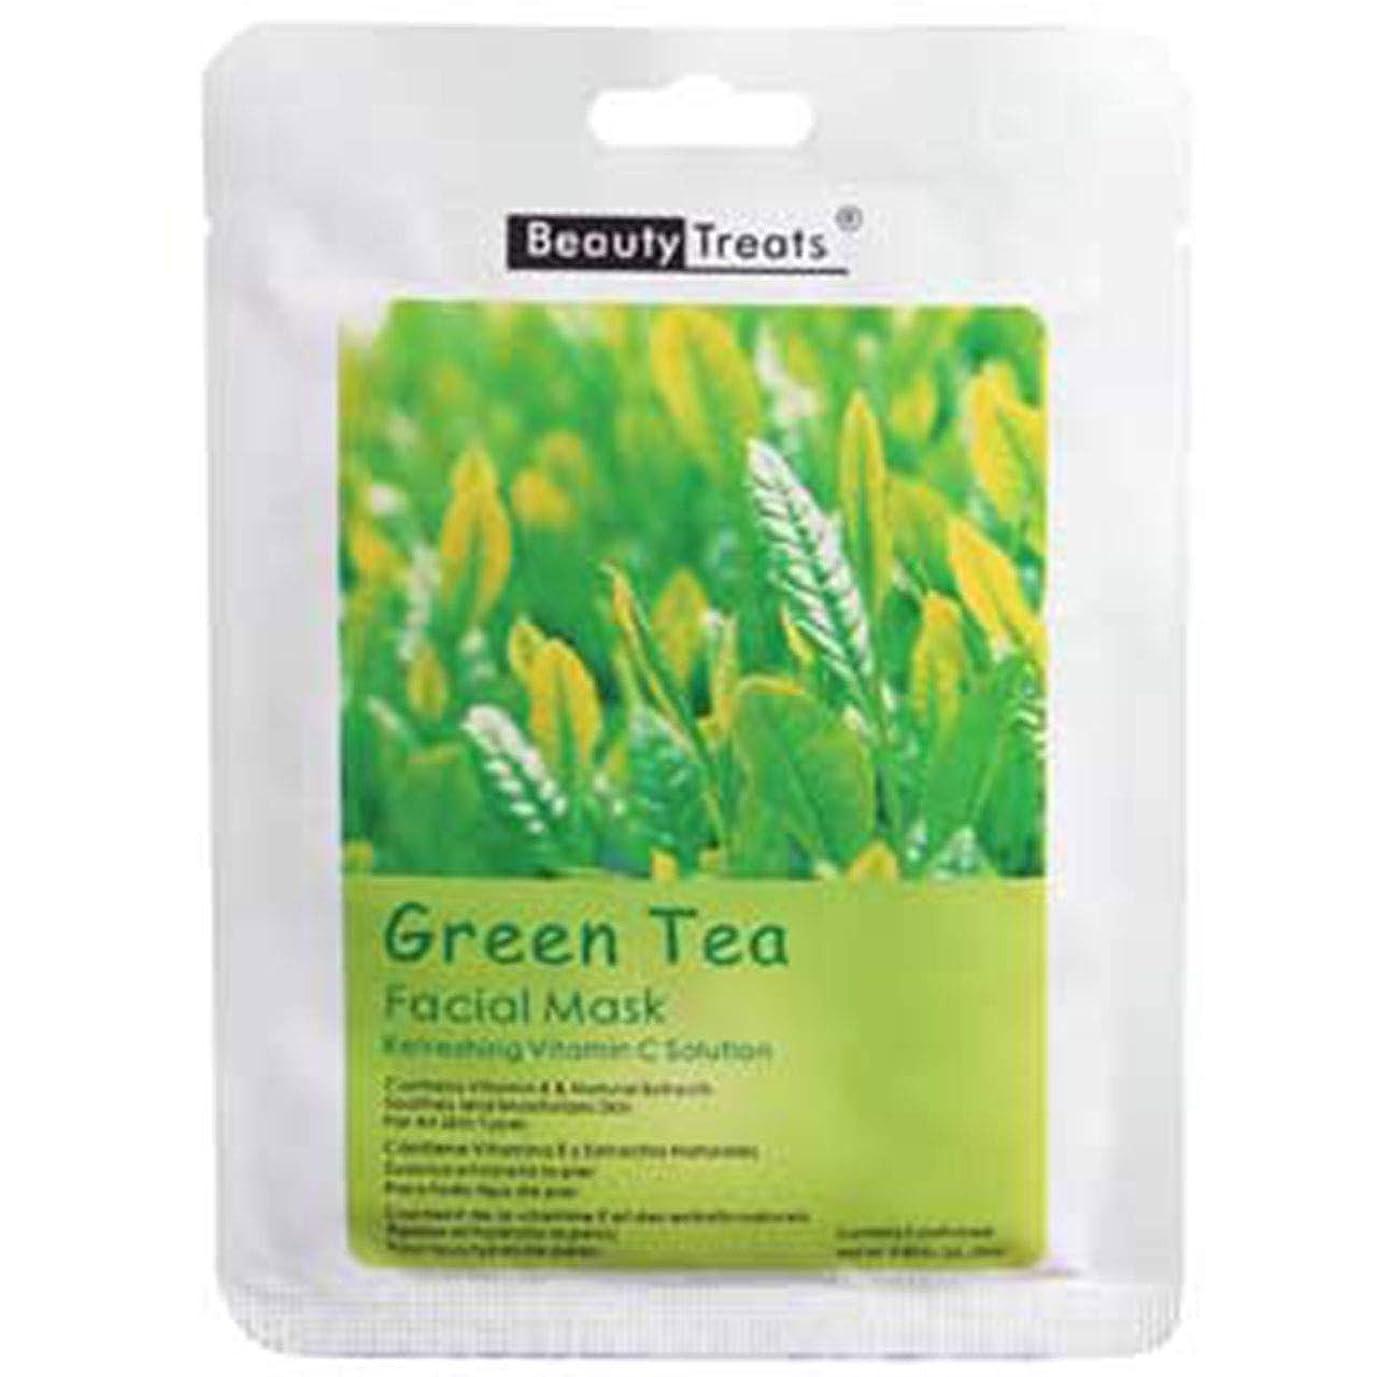 ぼかす恐れる示すBEAUTY TREATS Facial Mask Refreshing Vitamin C Solution - Green Tea (並行輸入品)